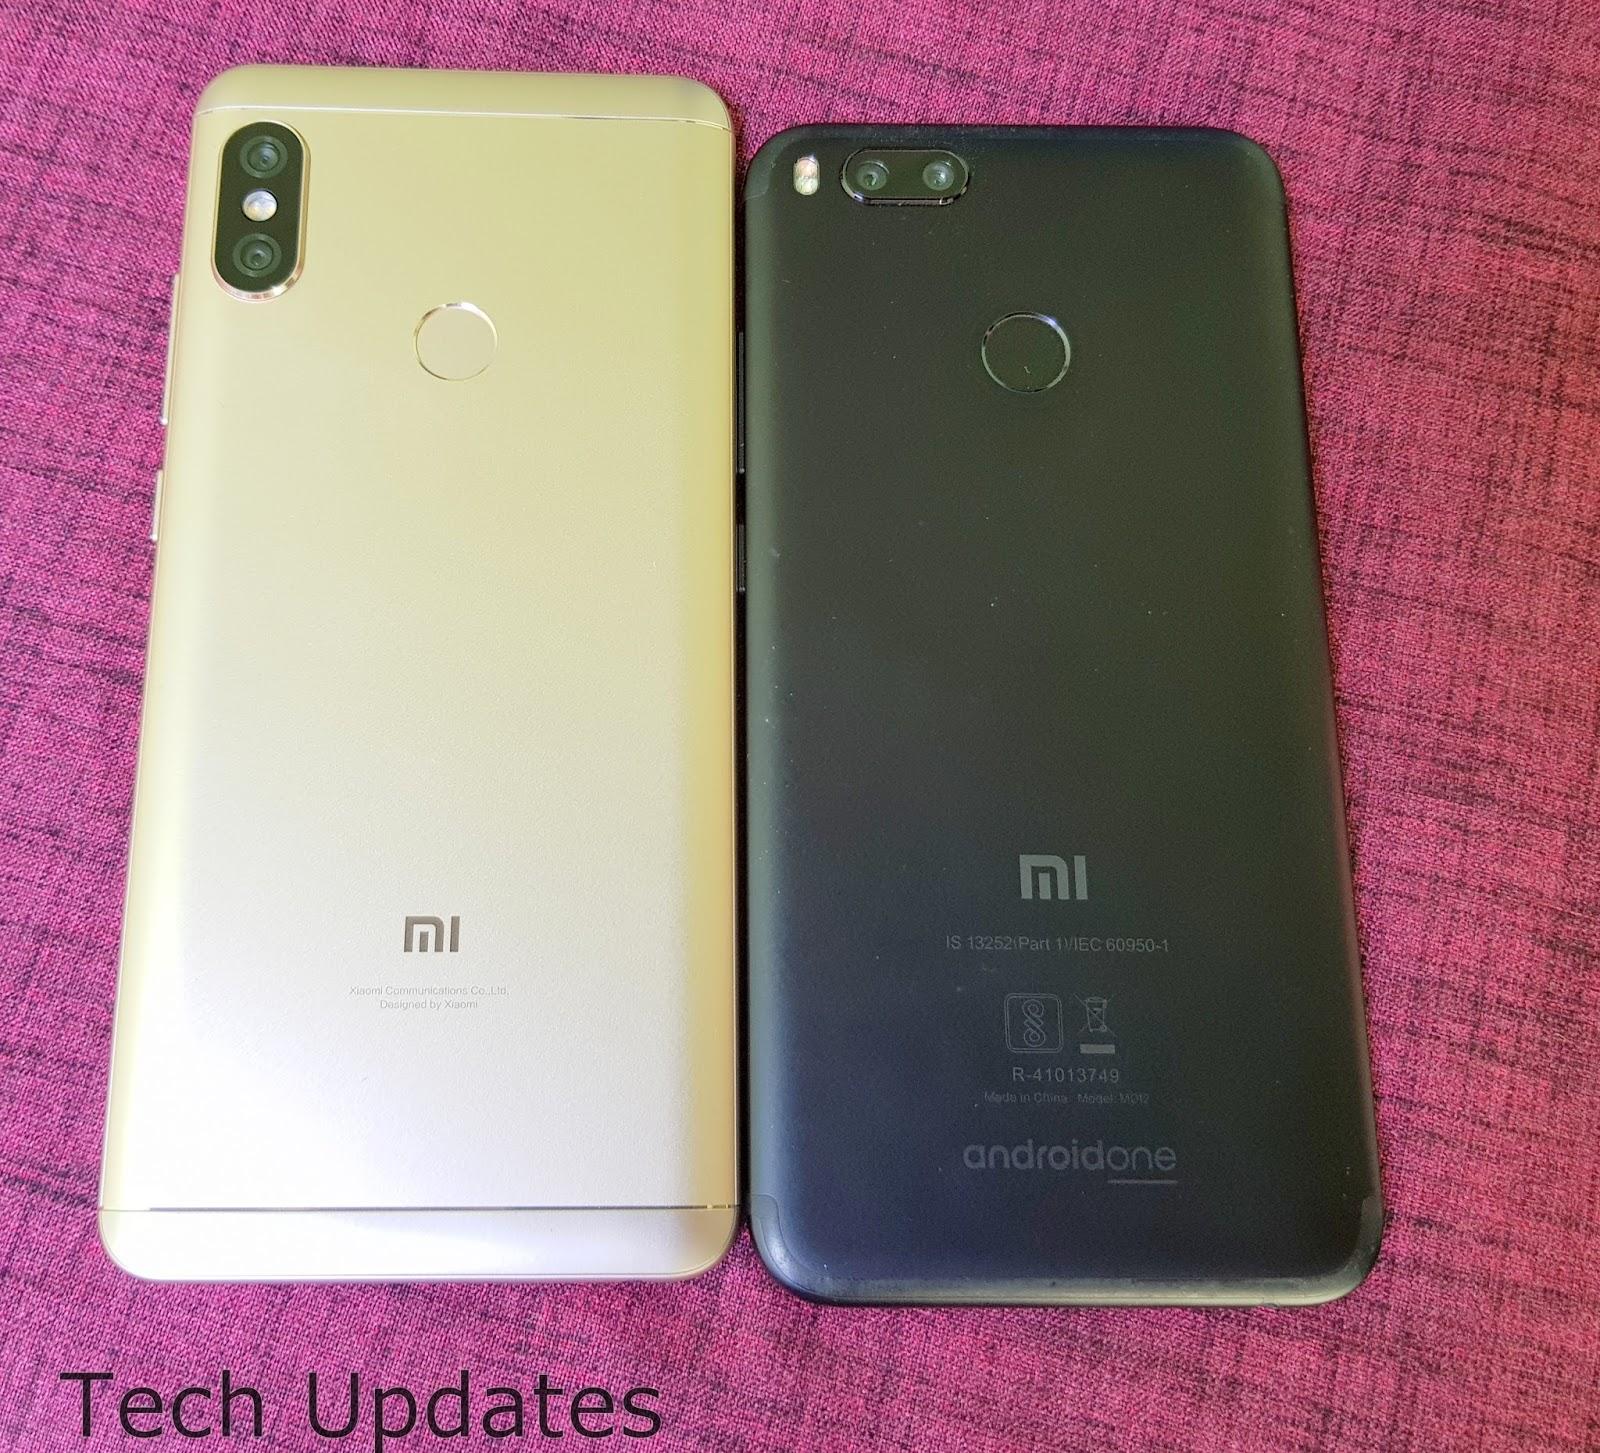 Xiaomi Redmi Note 5 Pro vs Xiaomi Mi A1 Tech Updates